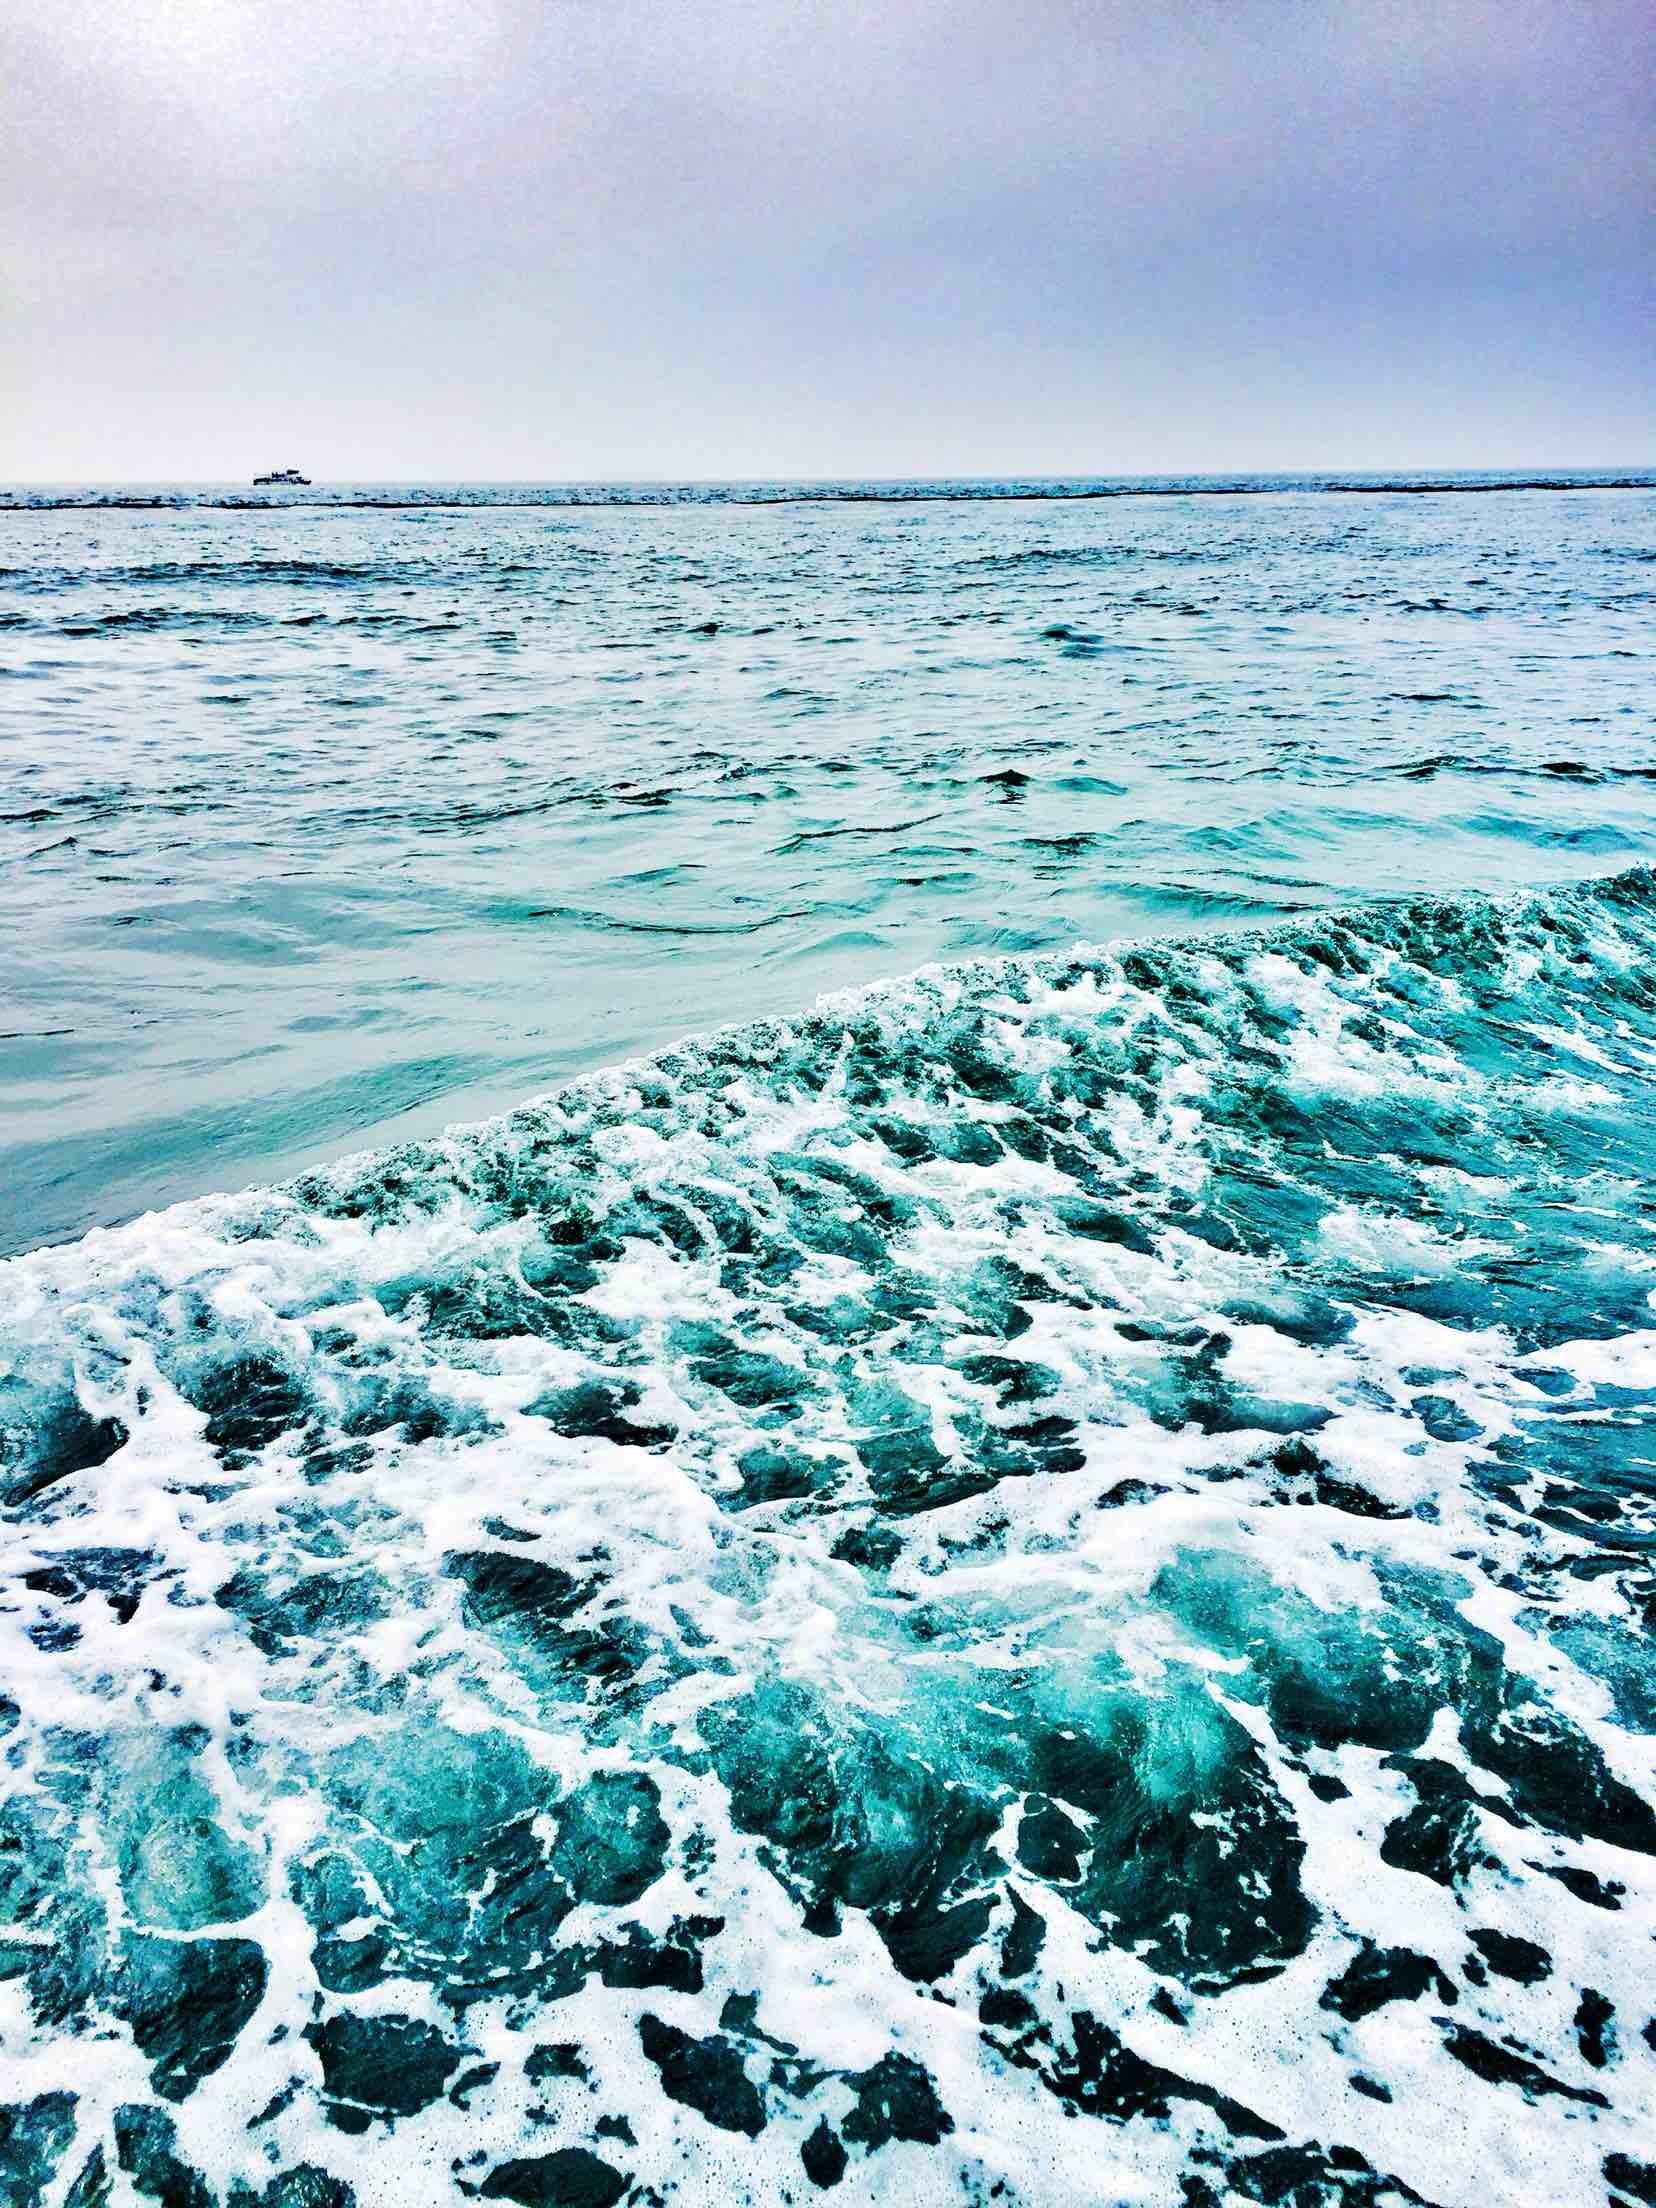 青岛友谊码头海上观光 青岛啤酒博物馆 栈桥 信号山公园 第二海水浴场